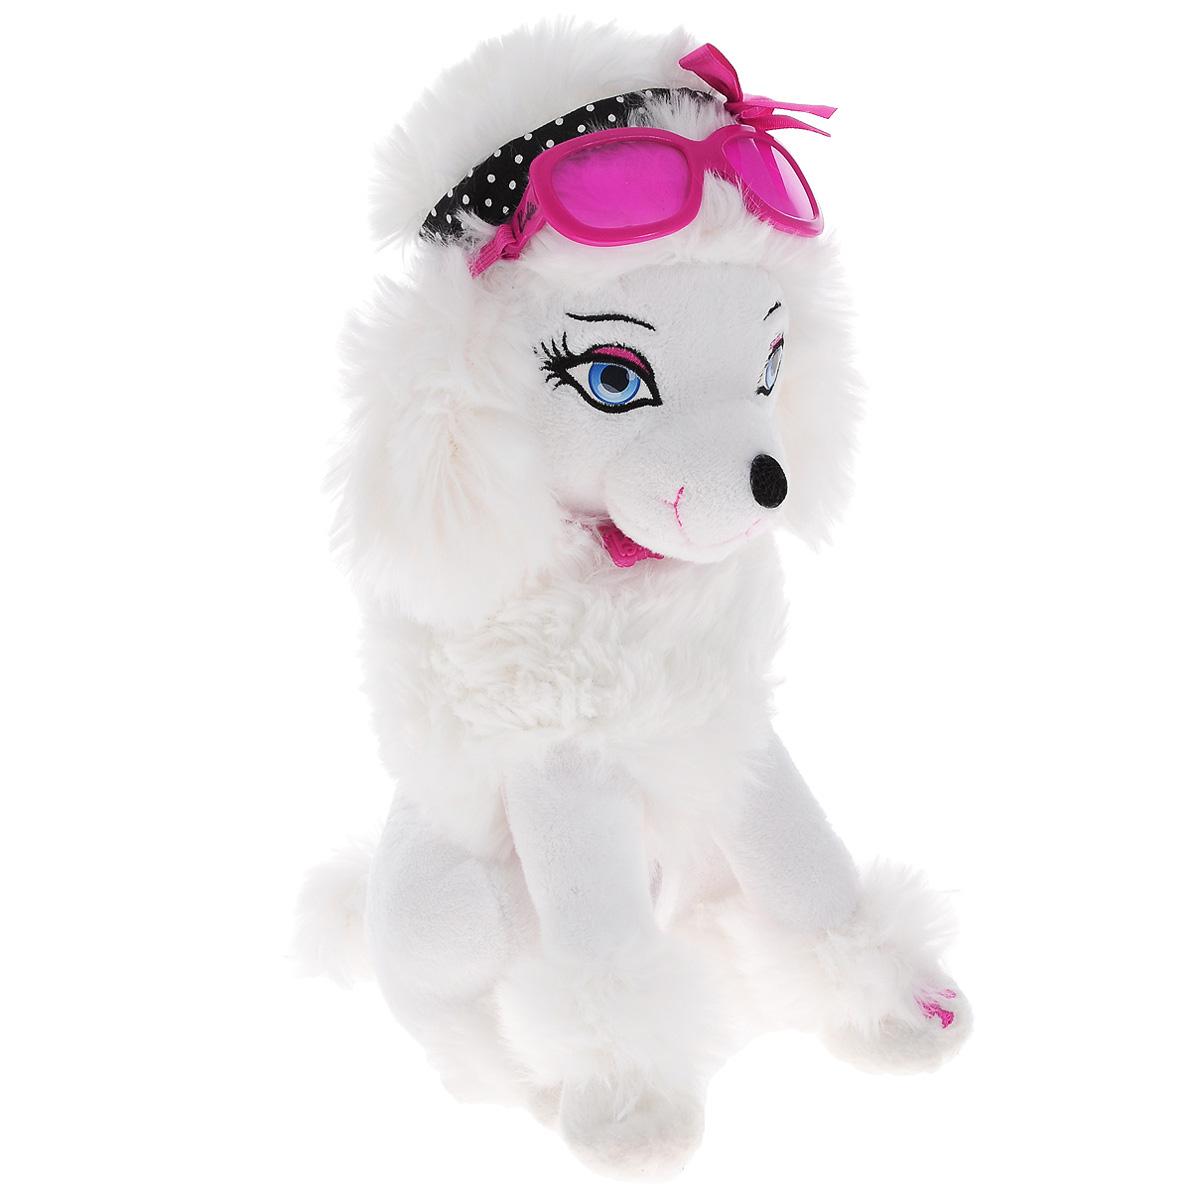 Интерактивная игрушка Barbie My Fab Pets: Sequin, с аксессуарамиBBPE2Интерактивная игрушка Barbie My Fab Pets: Sequin выполнена в виде милой собачки. Такая игрушка приведет в восторг любого ребенка. Очаровательный песик покрыт мягким и приятным на ощупь искусственным мехом, его глазки вышиты нитками. На шее щенка - подвеска в виде логотипа Barbie, а голову украшают стильные солнцезащитные очки и повязка в мелкий горох. В наборе имеется помада, если поднести ее к губам собачки раздастся звук поцелуя. А если расчесать собачку специальной щеткой, вы услышите радостный лай. При нажатии на левую лапку, щенок также весело залает. Игры с интерактивным щенком способствуют эмоциональному развитию ребенка, а также помогут ему развить ответственность, внимание и воображение. Трогательный щенок непременно станет лучшим другом малышки. Рекомендуется докупить 2 батарейки напряжением 1,5V типа AA (товар комплектуется демонстрационными).